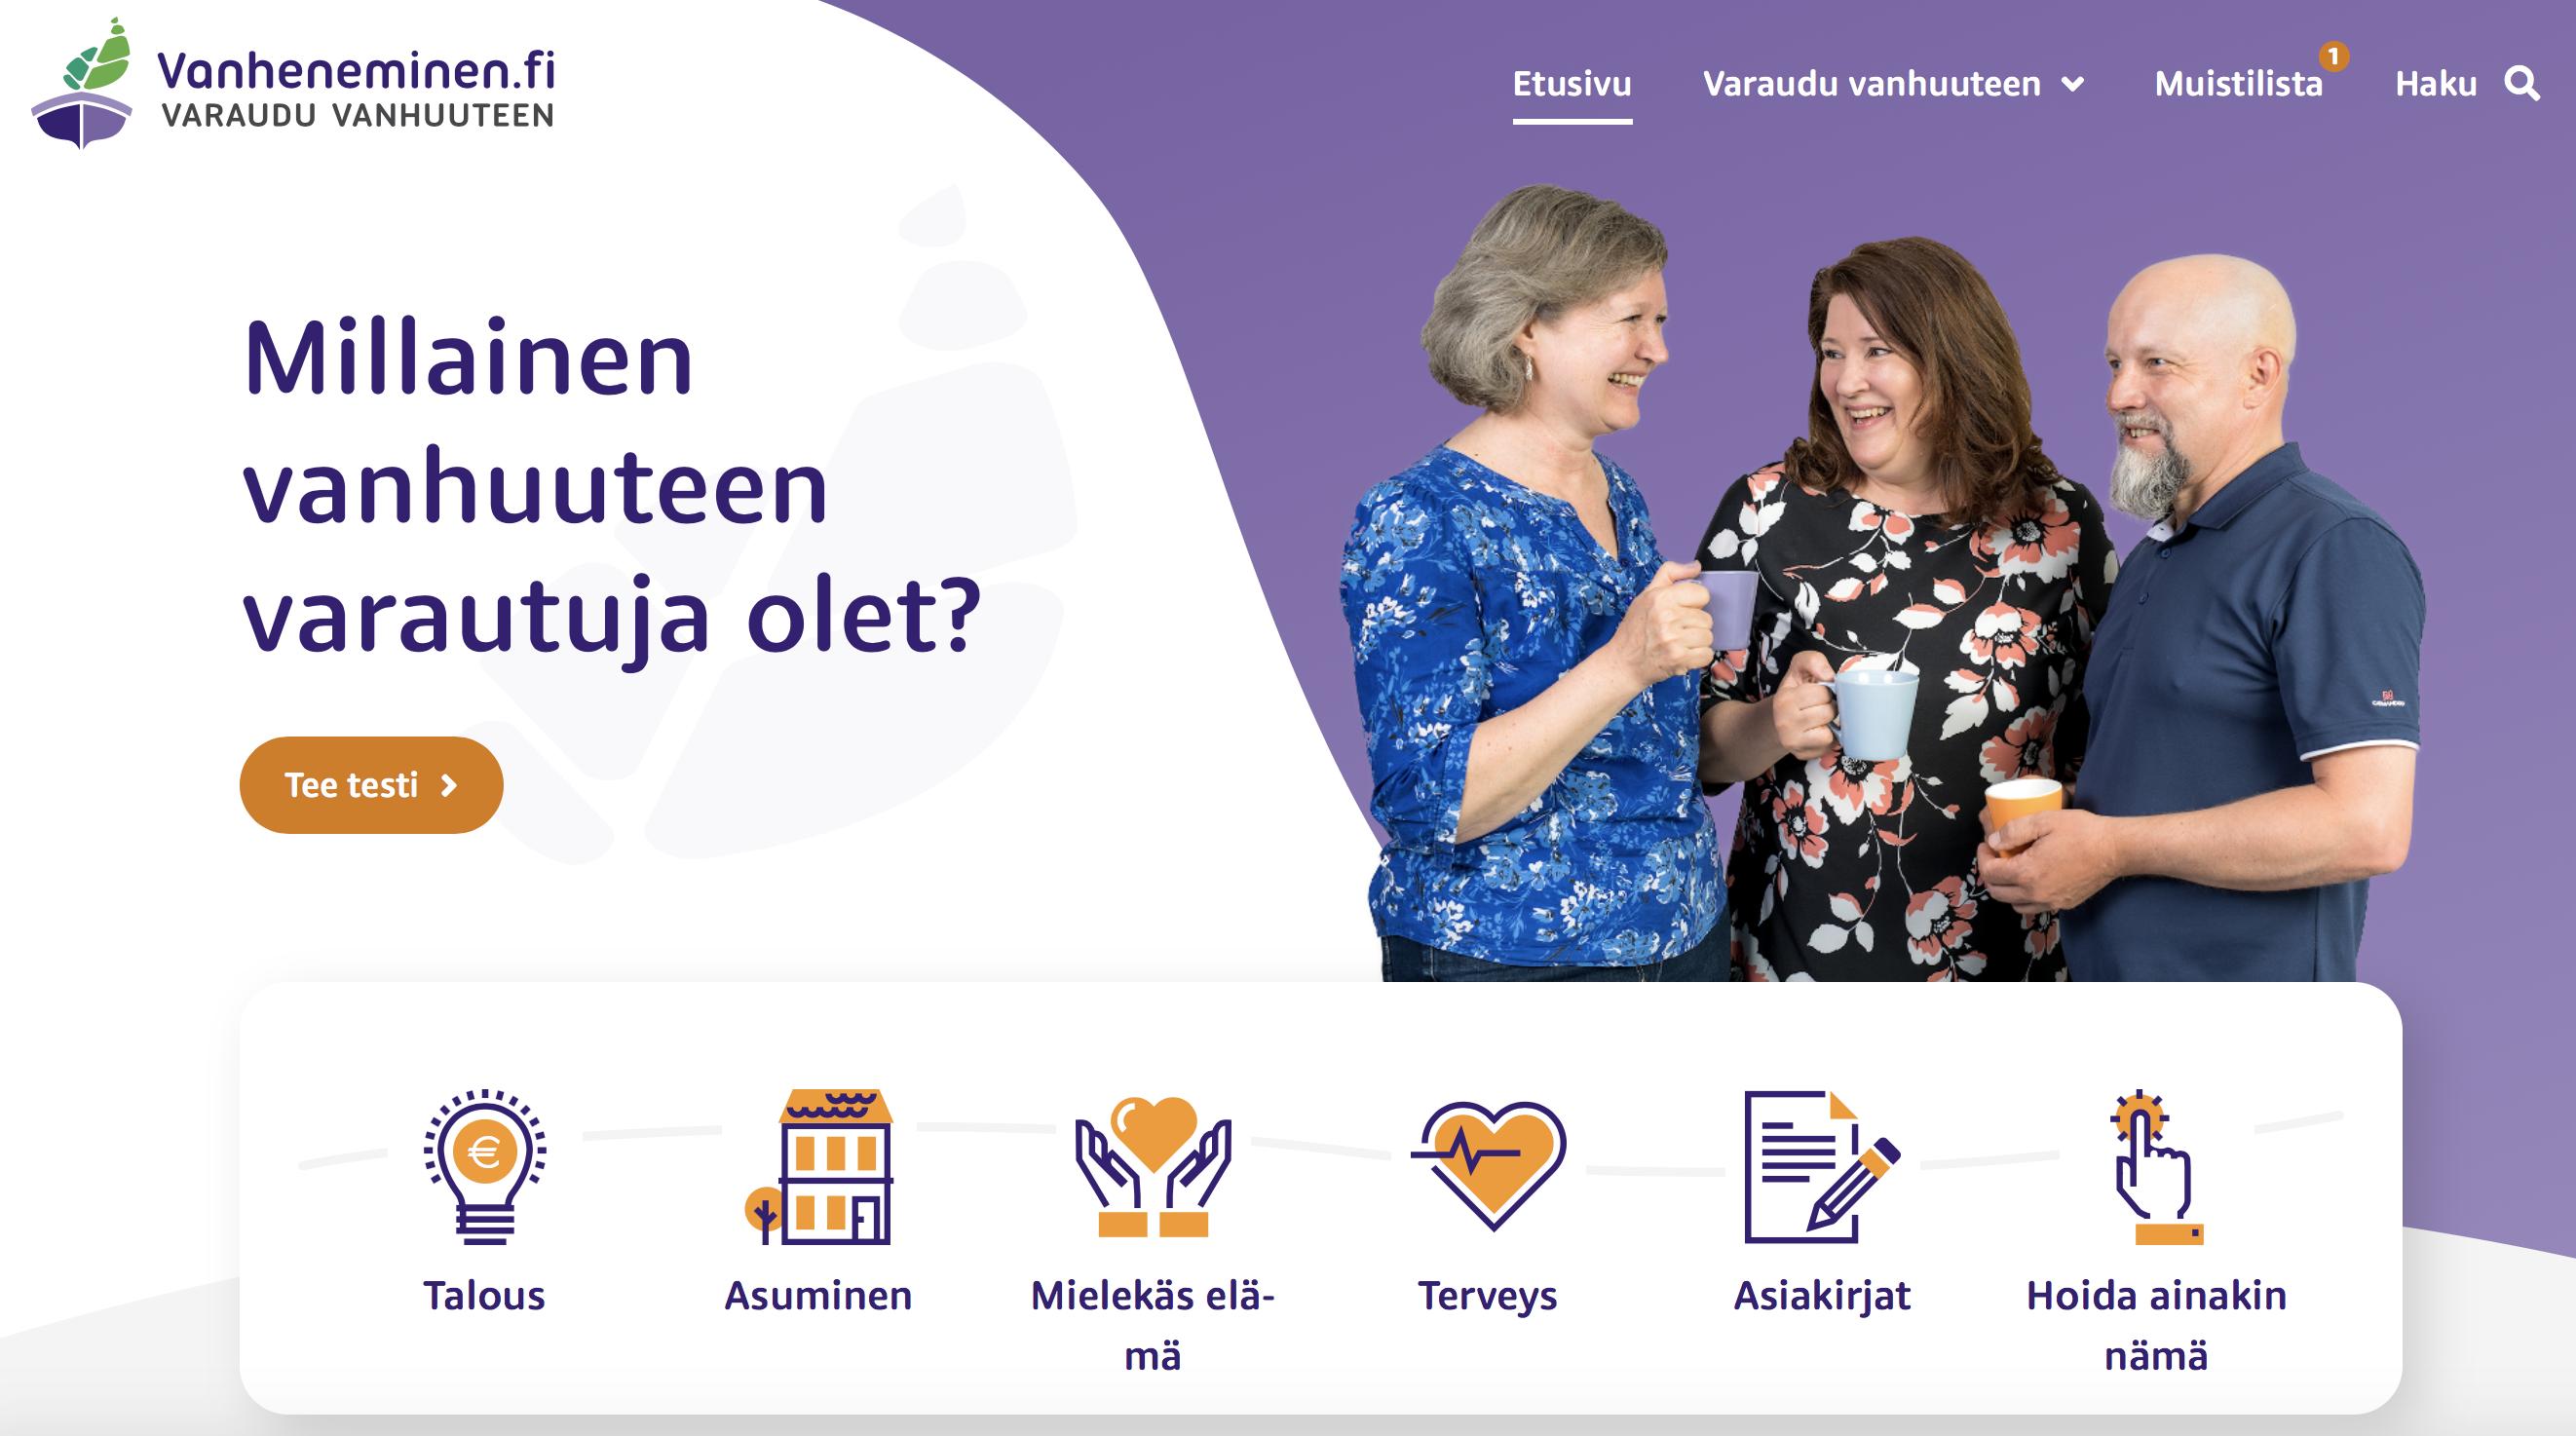 Vanheneminen.fi – tietoa ja käytännöllisiä työkaluja tulevien vuosikymmenten suunnitteluun jokaiselle yli 50-vuotiaalle